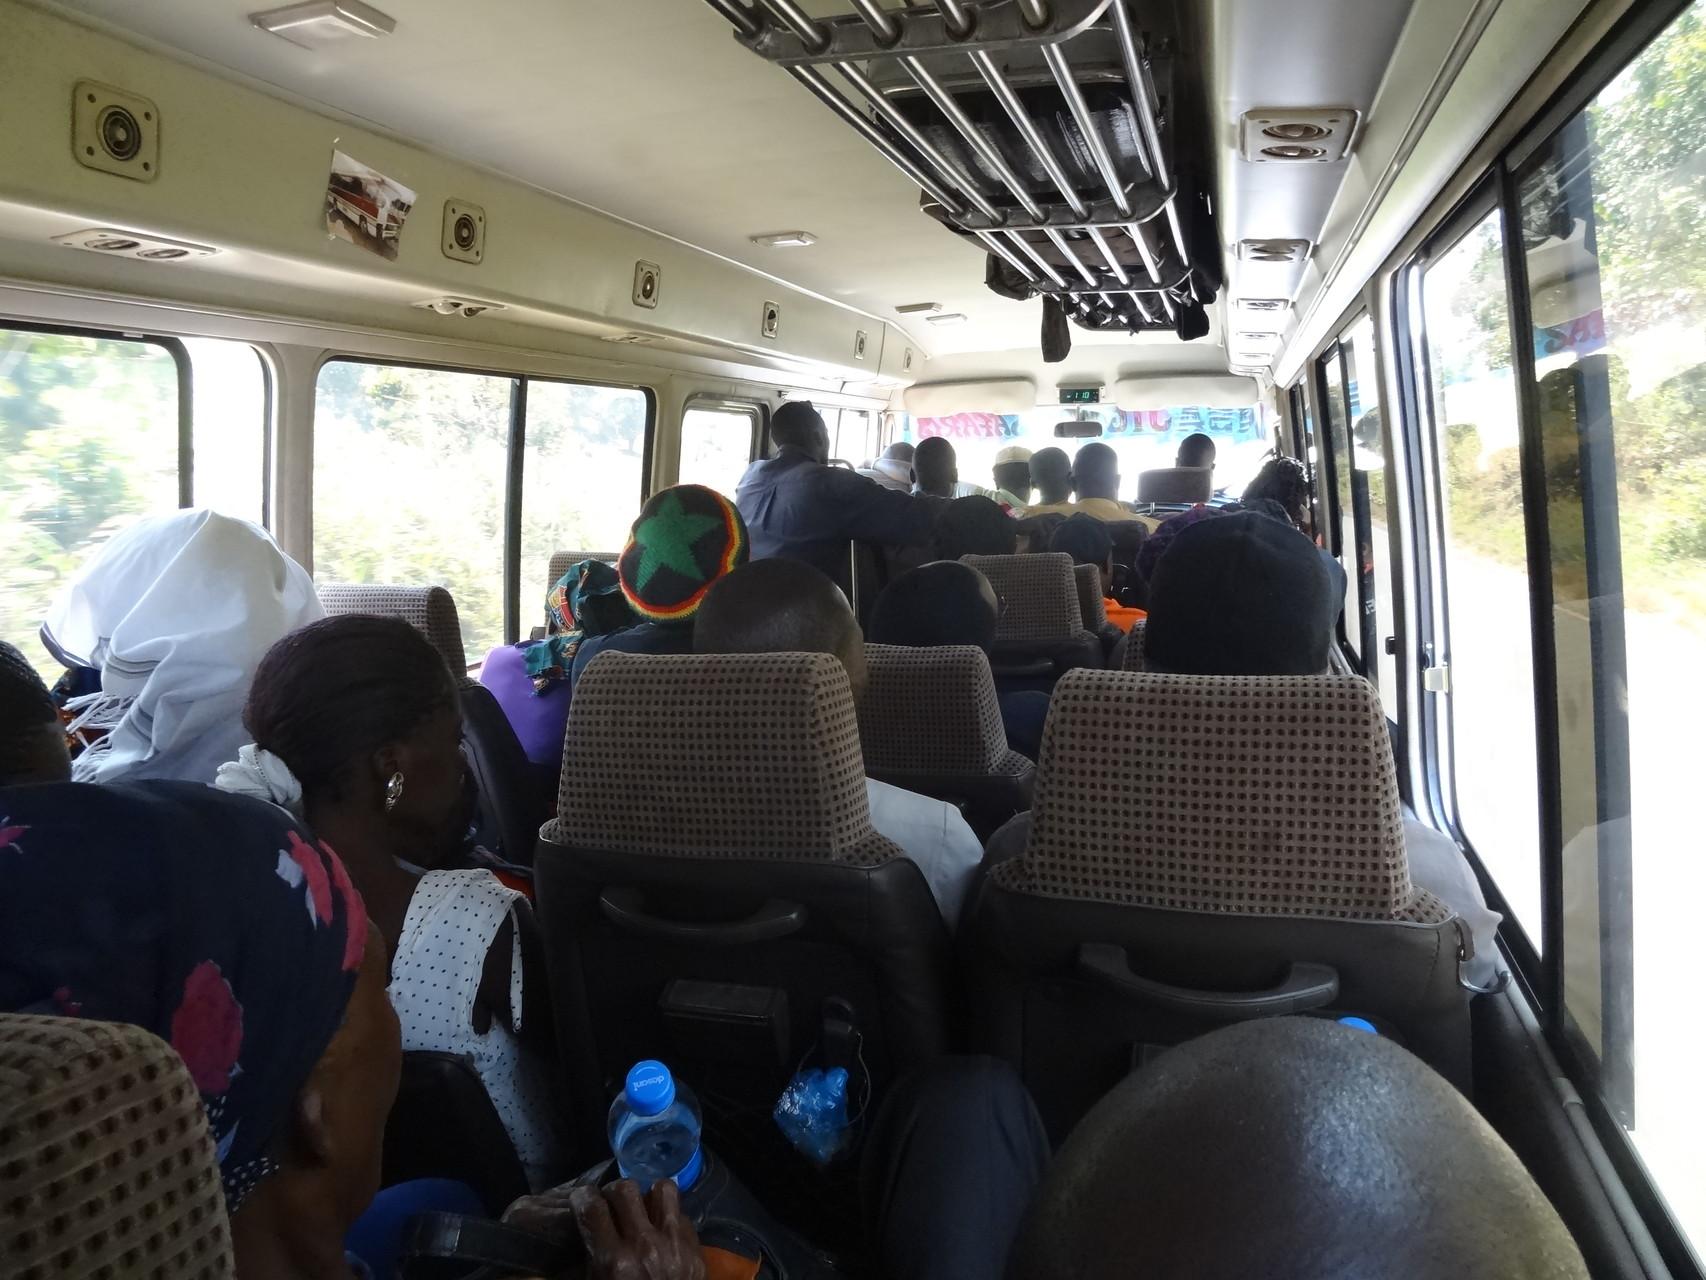 Blick in einen Bus: Das Standard-Transportmittel in Tansania.